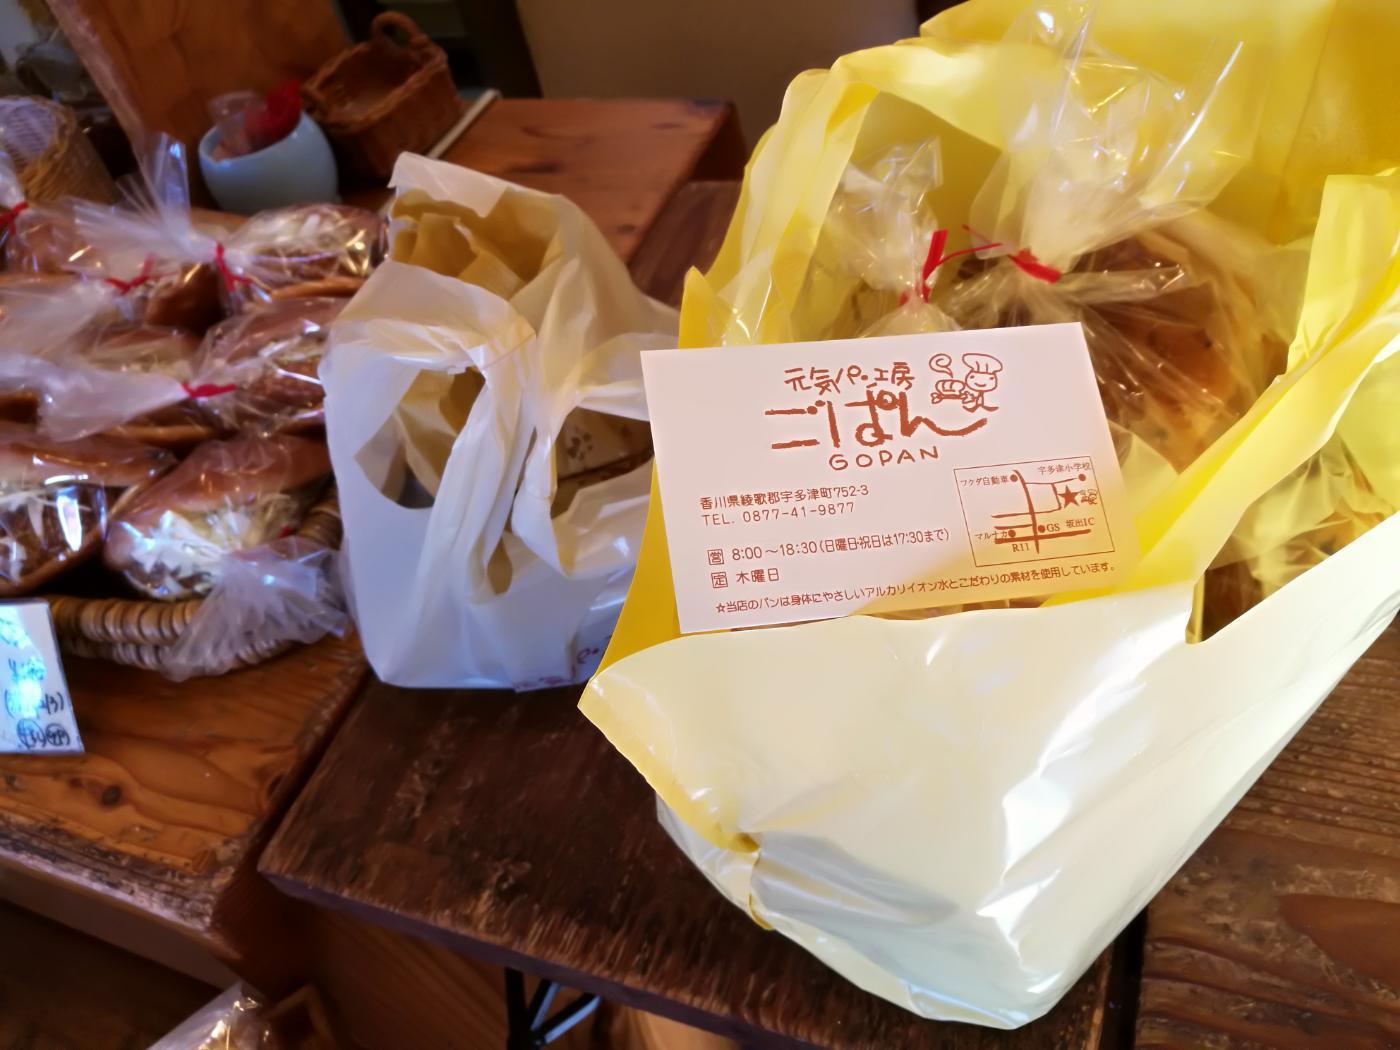 元気パン工房ごぱん 購入したパン